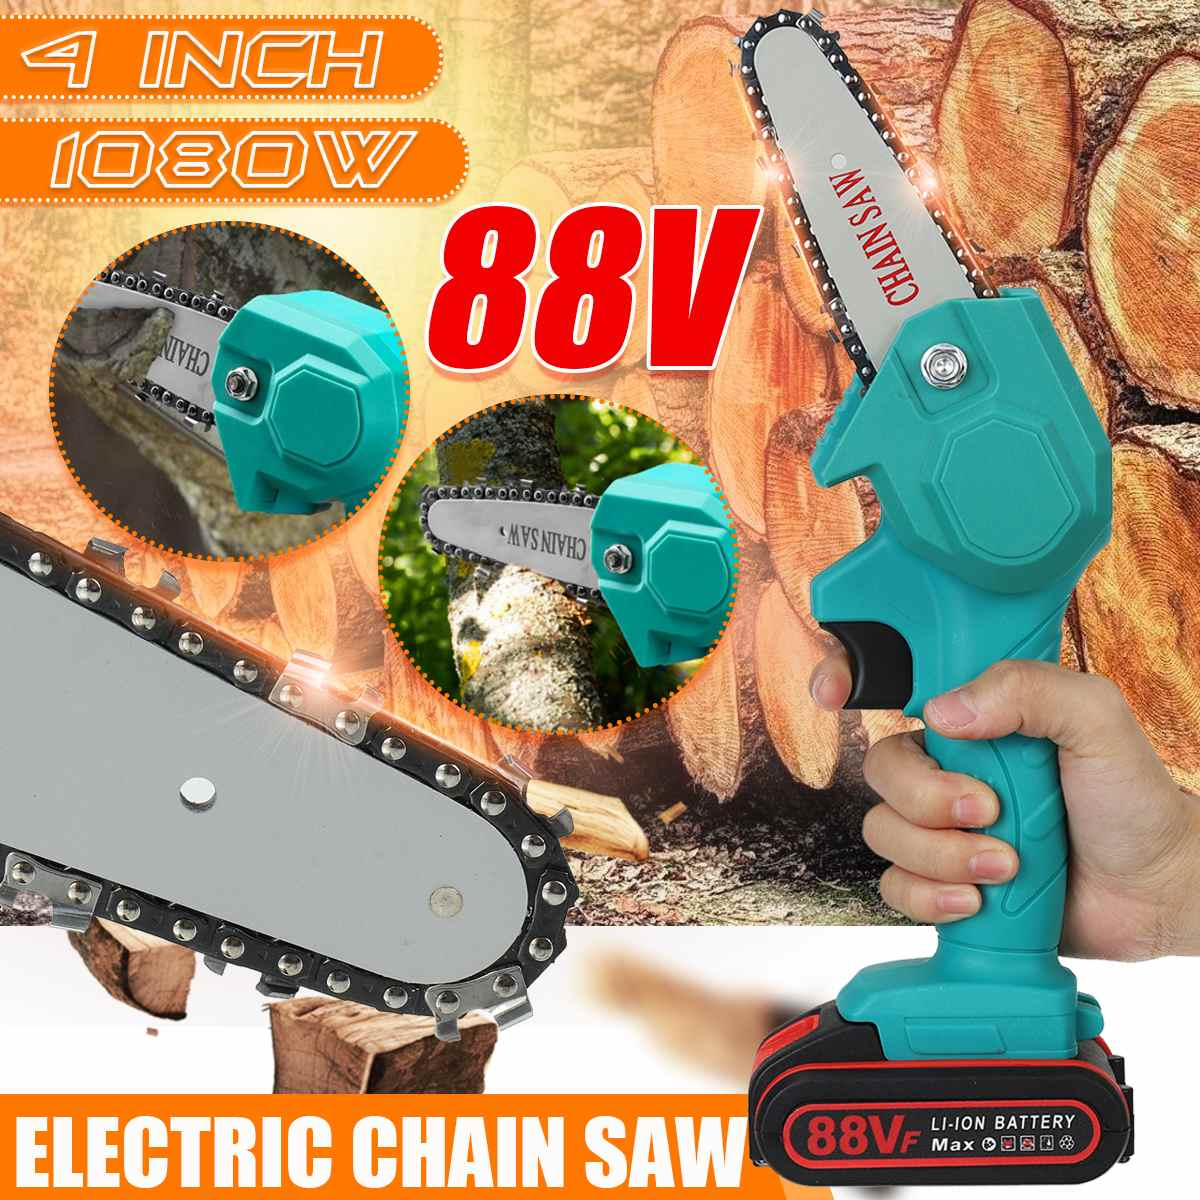 88V 1080W 4 hüvelykes újratölthető mini elektromos láncfűrész 2 akkumulátoros fafeldolgozó kerttel és fakitermelő szerszámmal